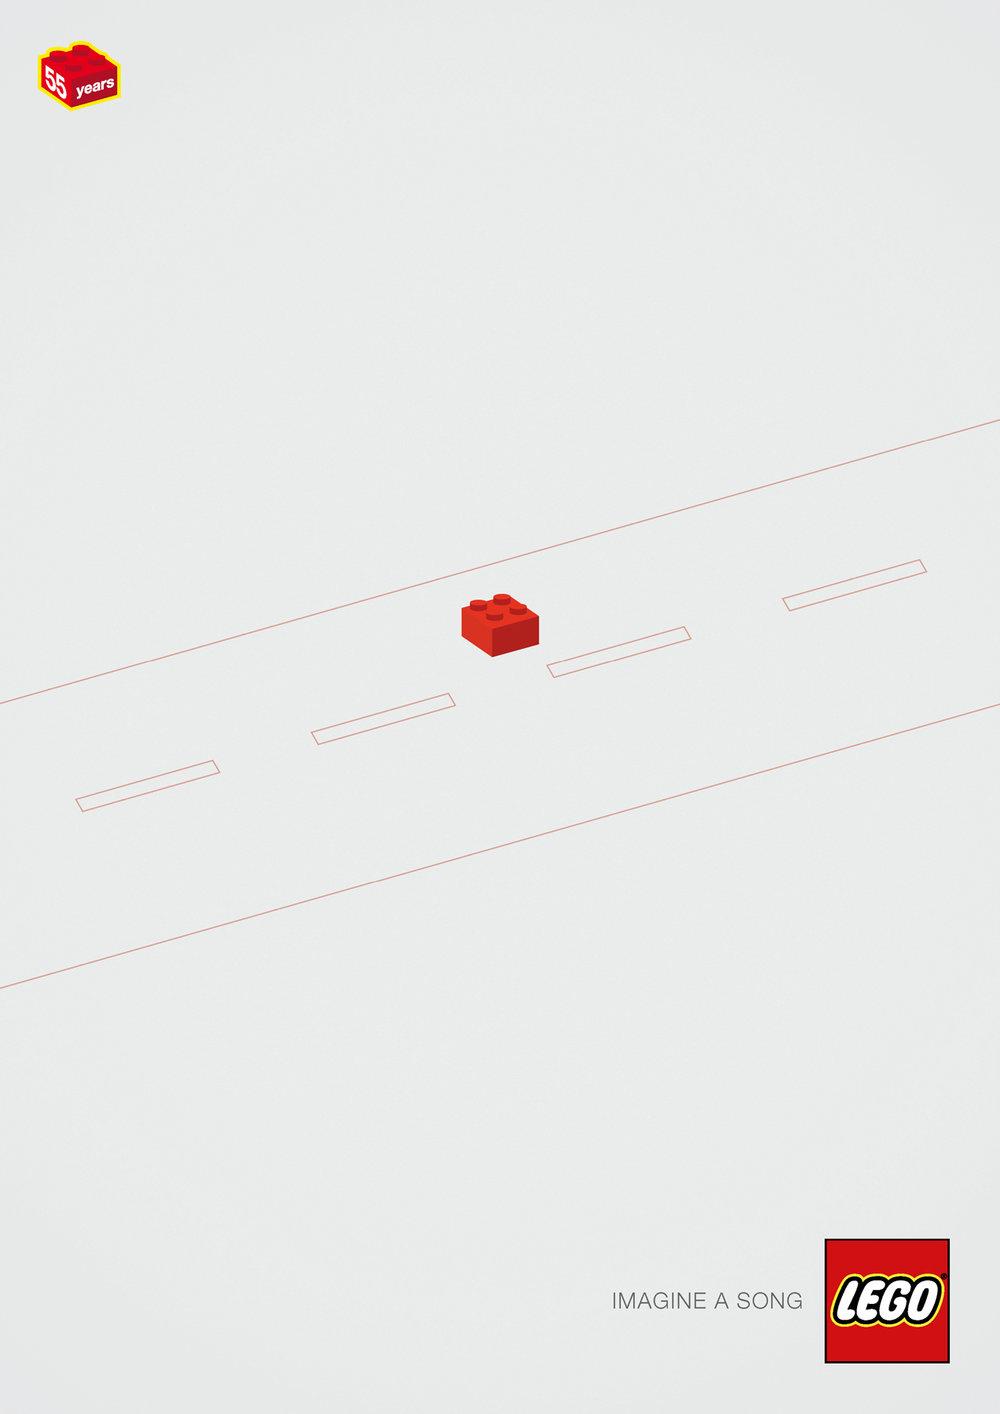 little_red_corvette.jpg